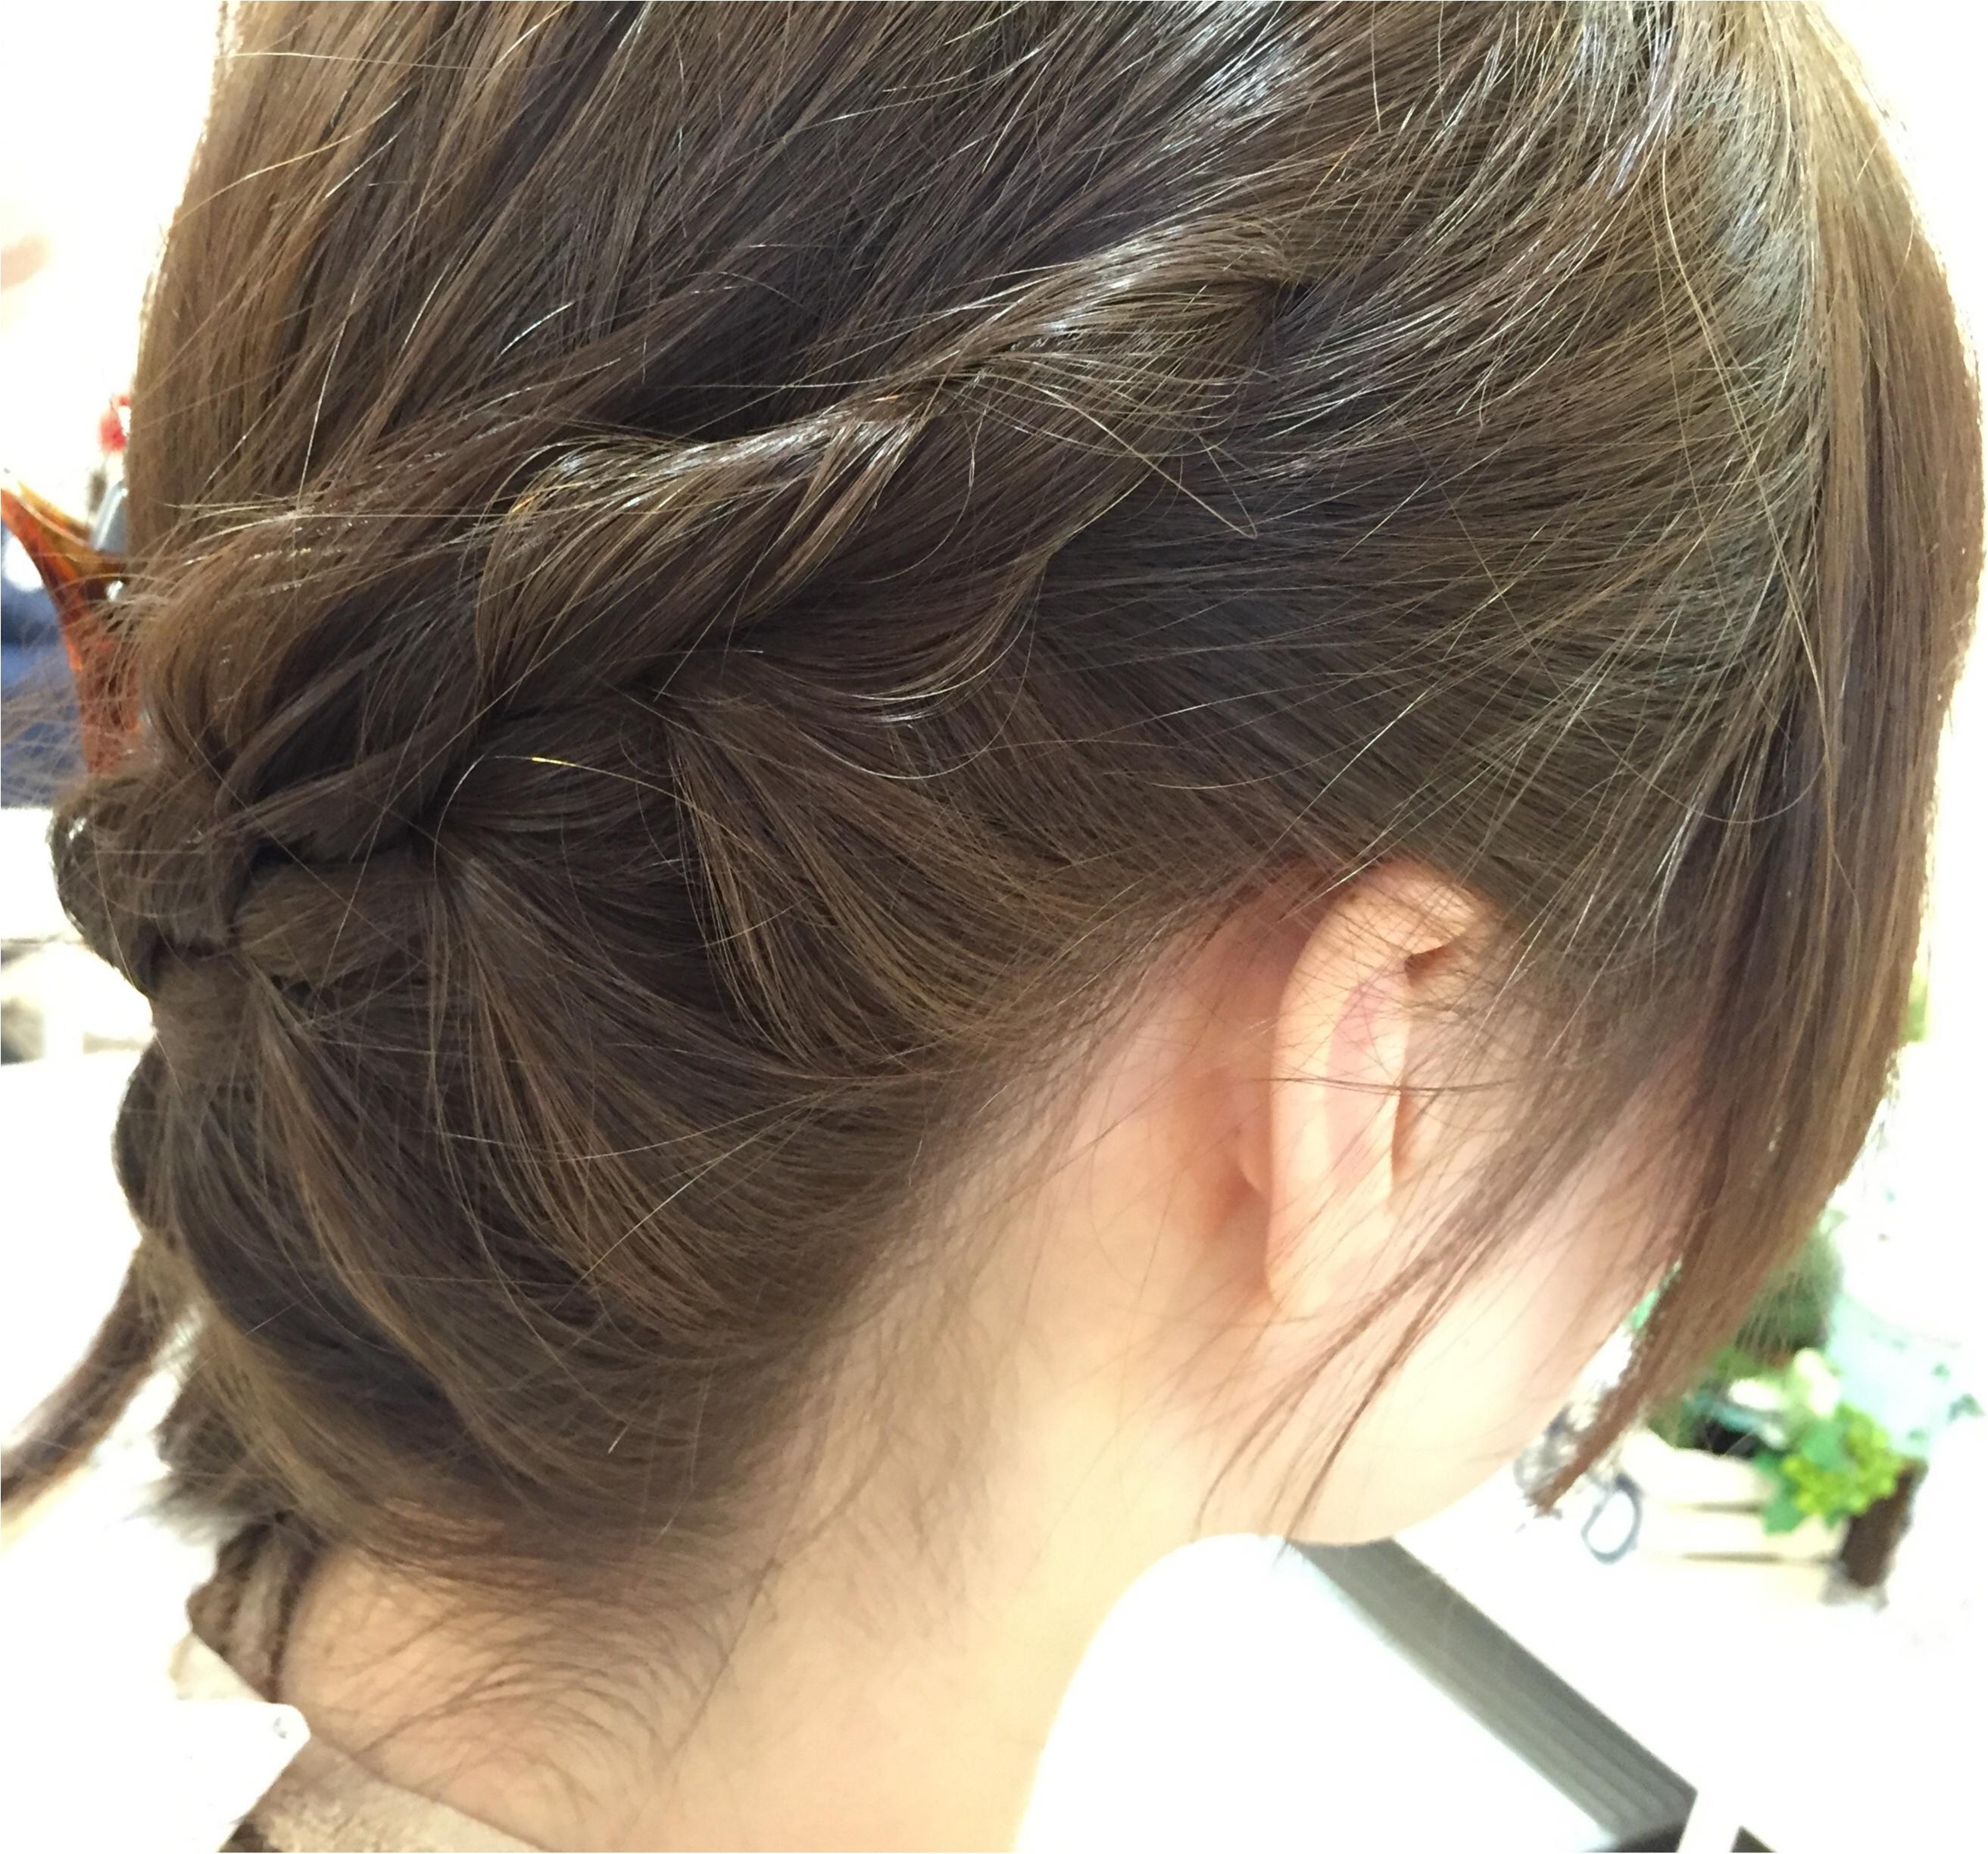 ヘアアレンジに差をつけよう!夏のまとめ髪にオススメのハイライト☆_2